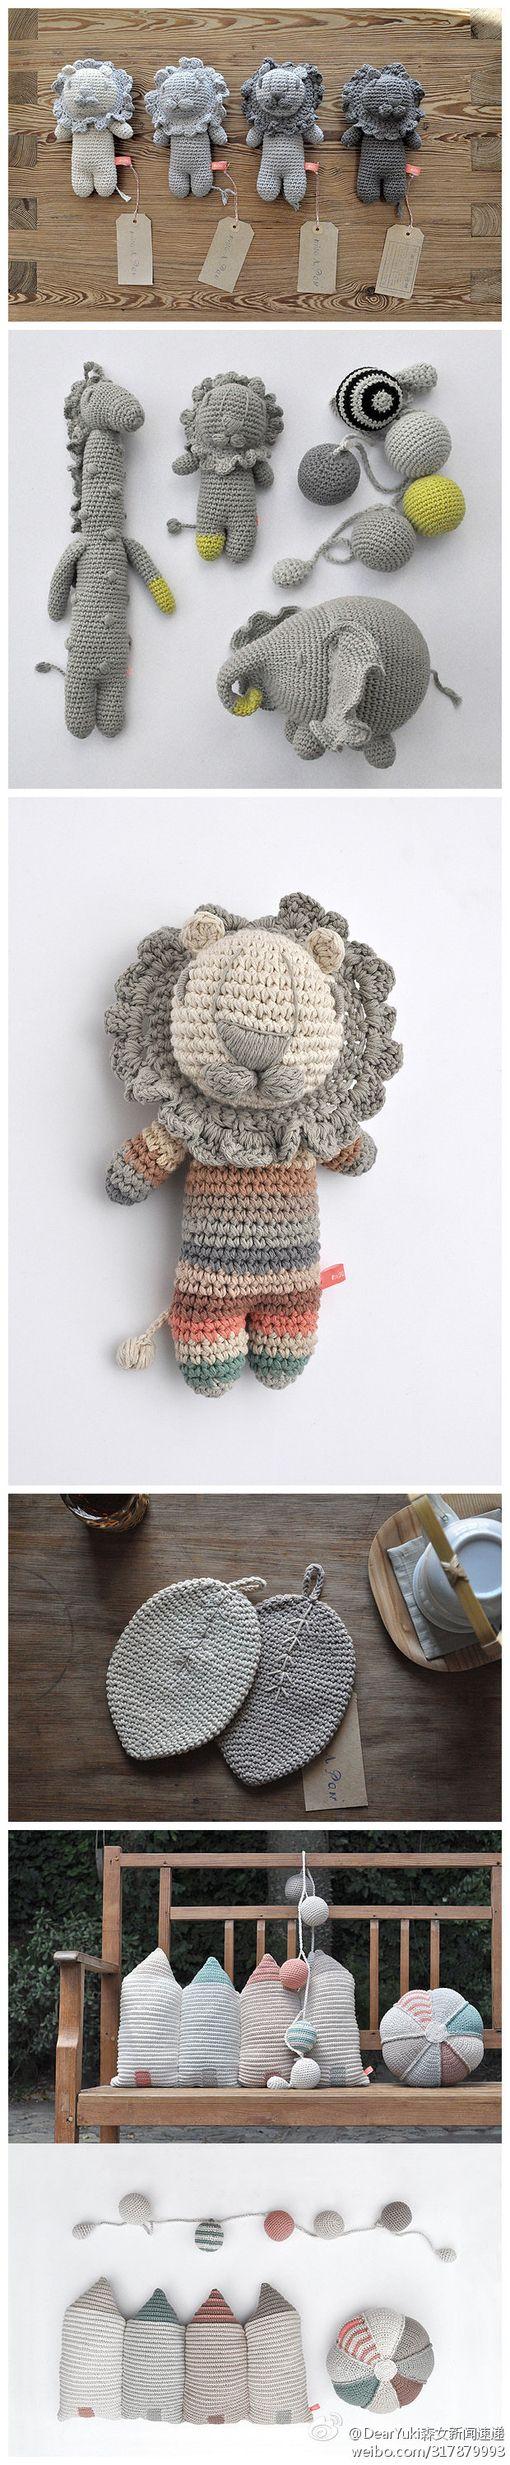 Lion amigurumi #amigurumi